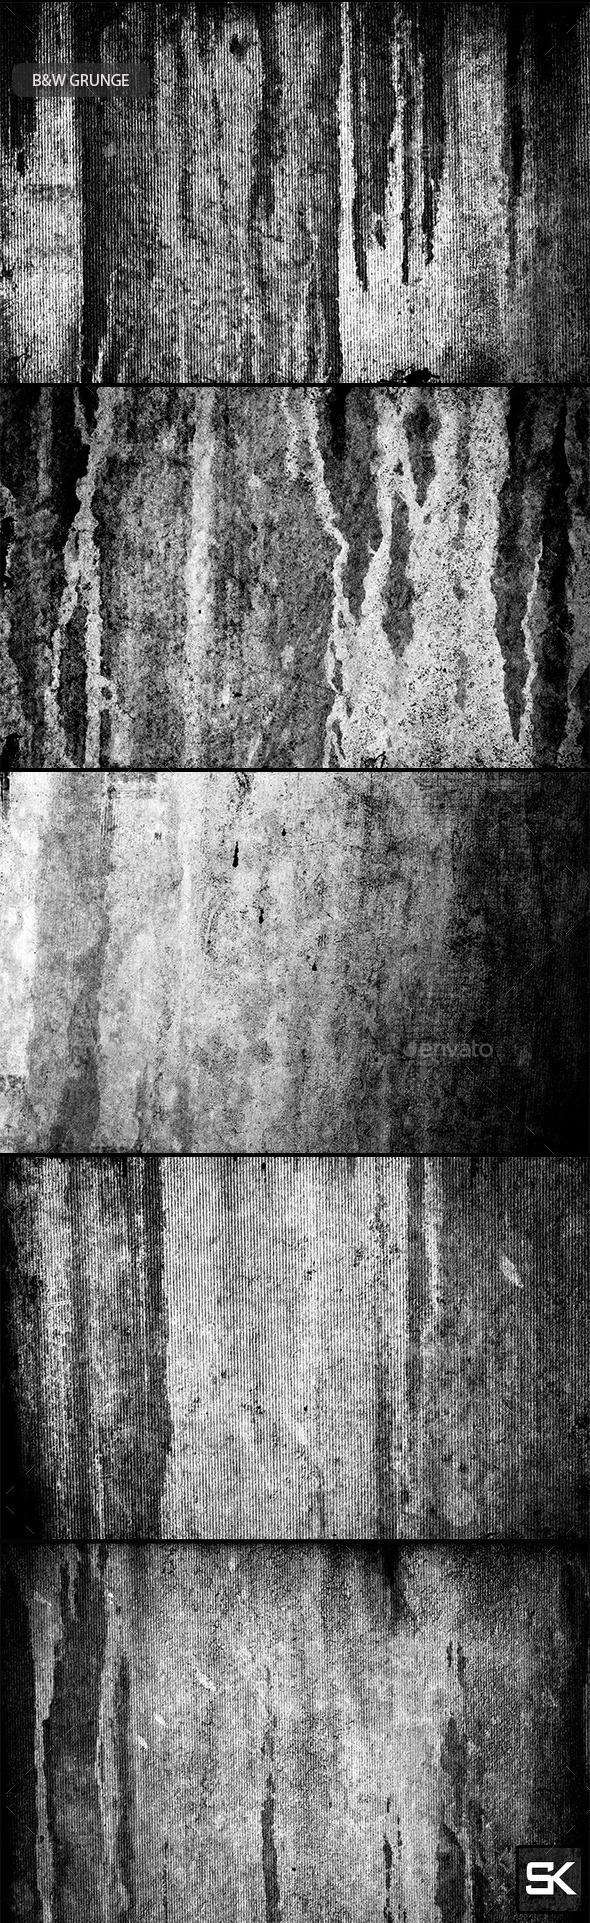 B&W Grunge.2 - Industrial / Grunge Textures